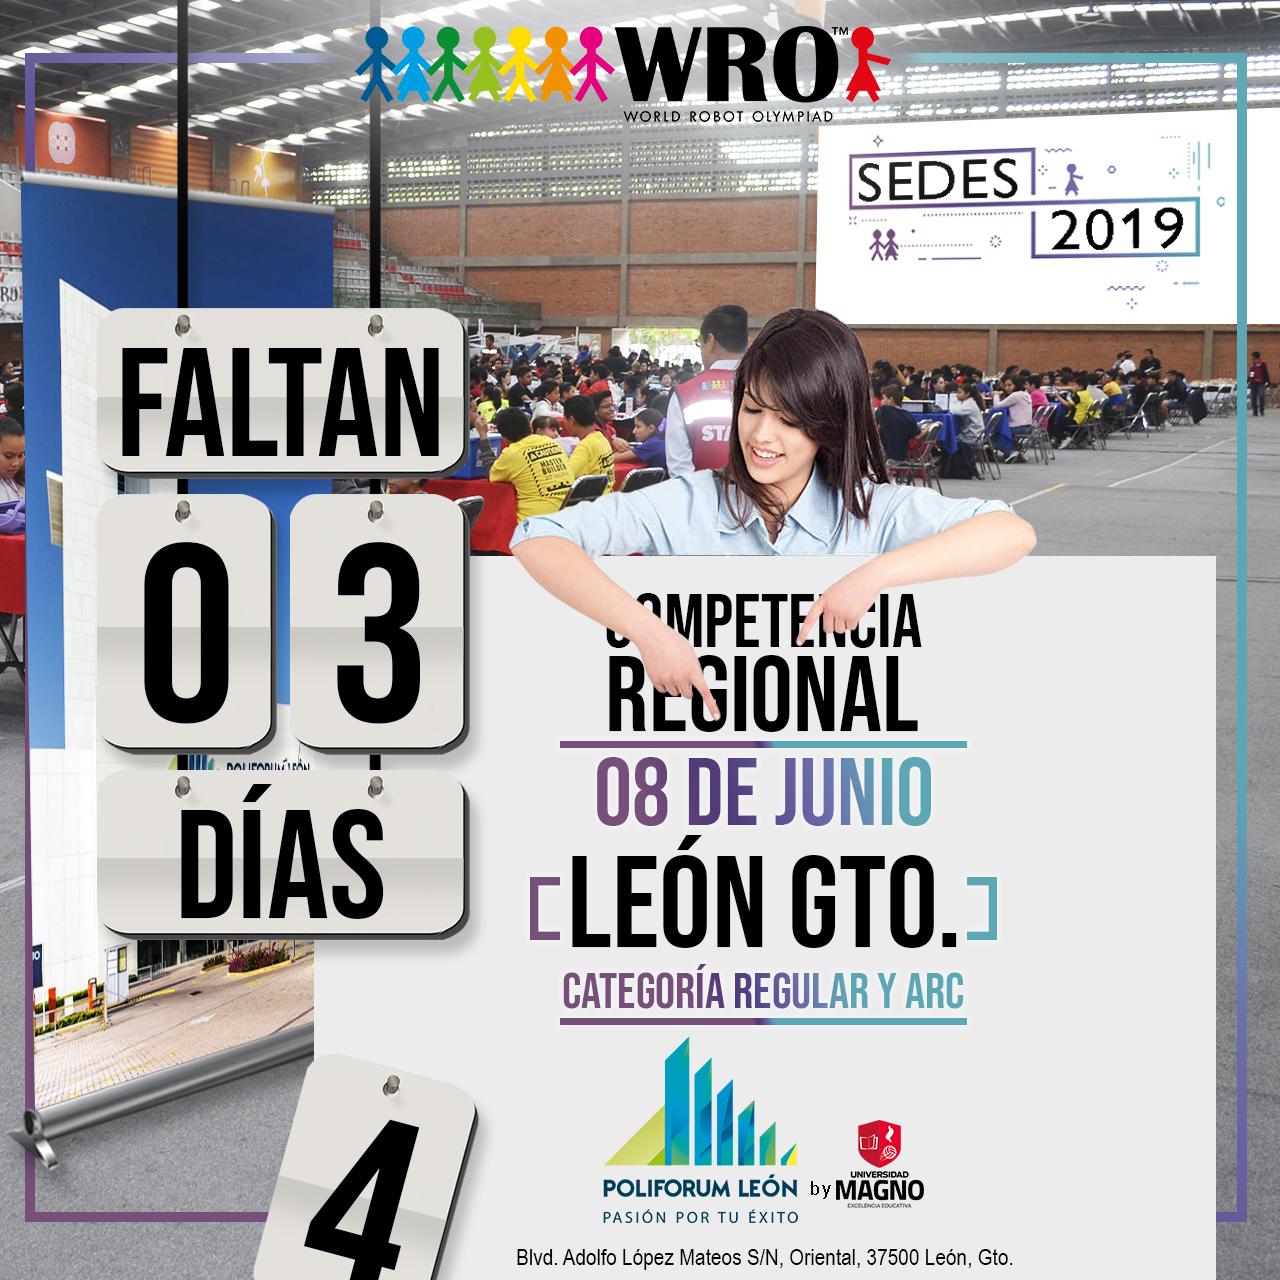 WRO México | Faltan 3 días Sede León